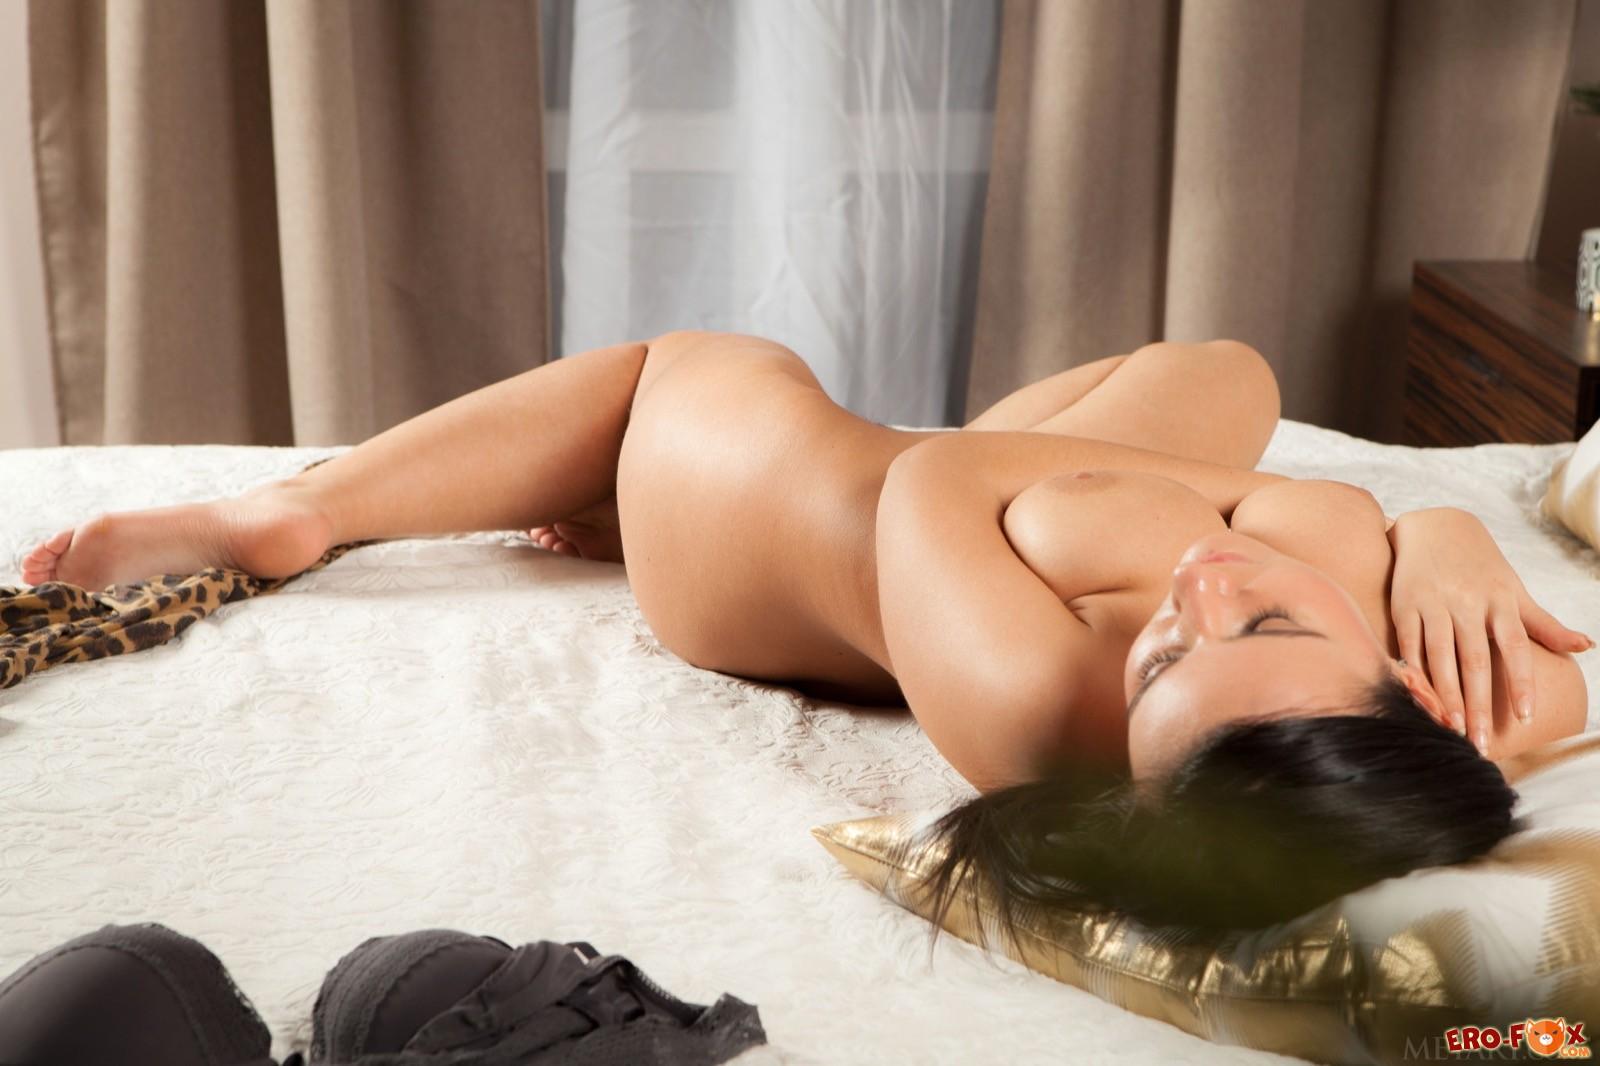 Девушка оголяет волосатую киску и большую грудь